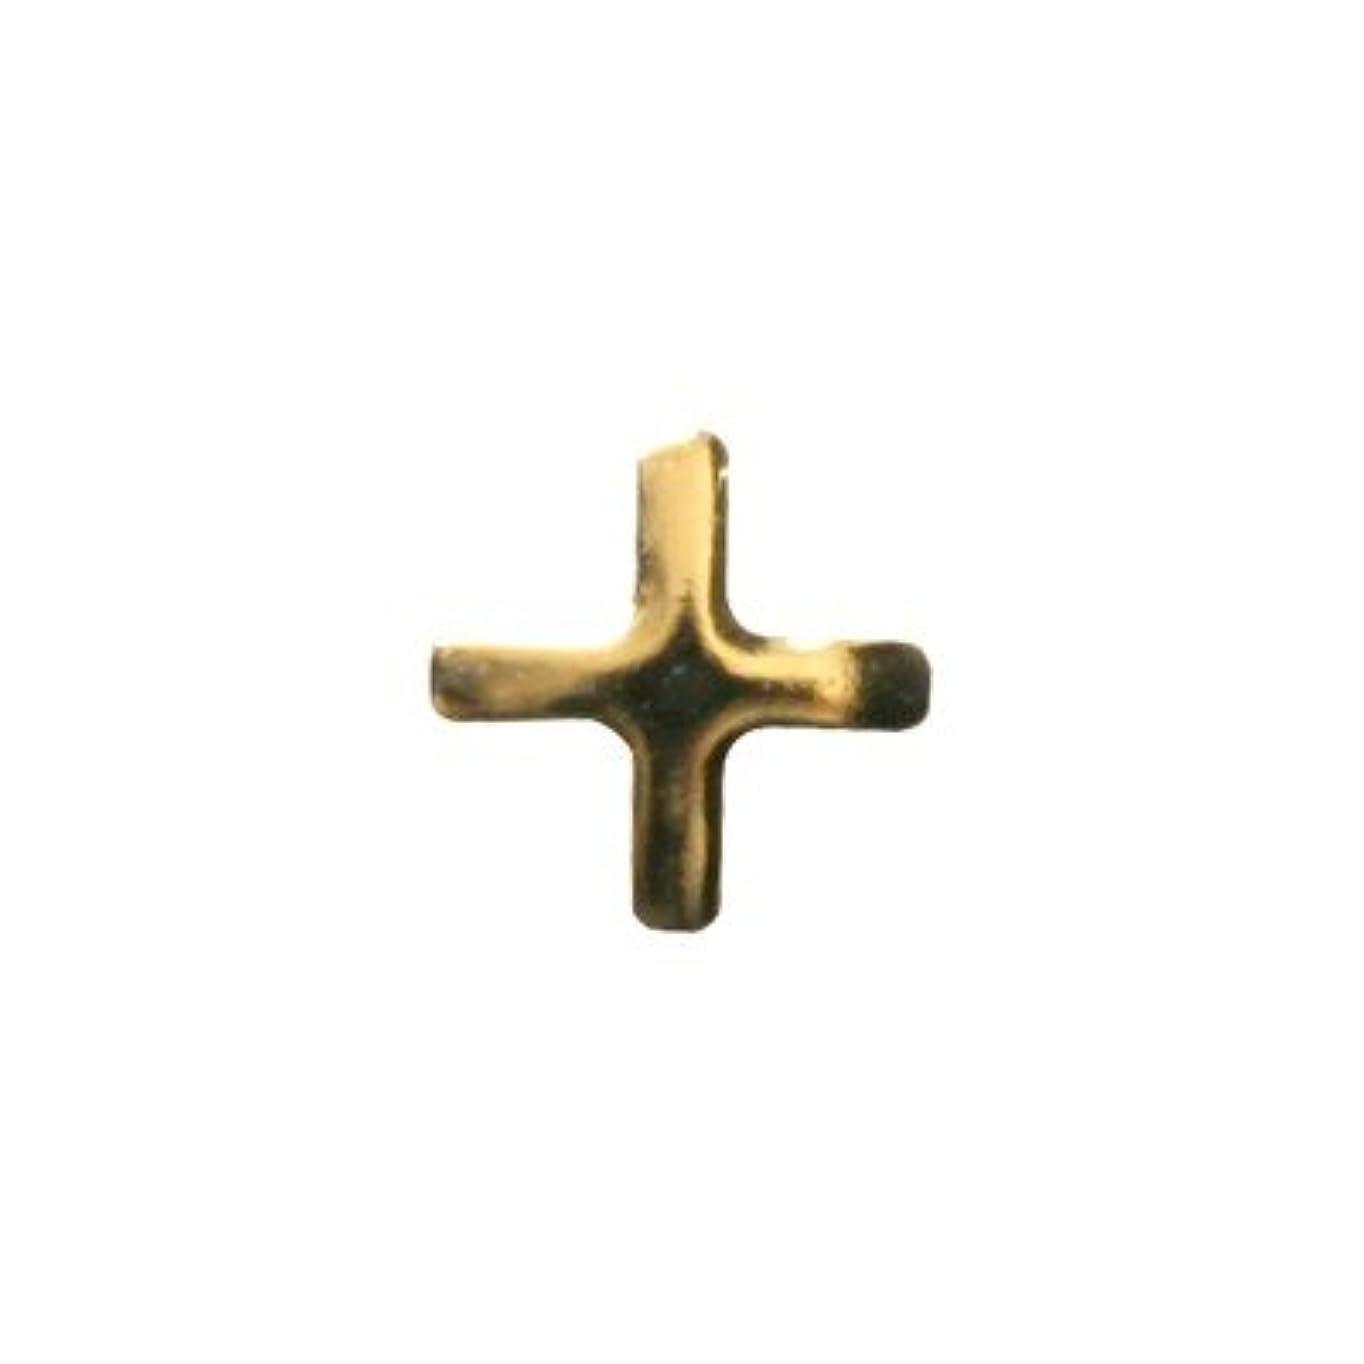 ワイド腫瘍苦情文句ピアドラ スタッズ クロスレット ハーフ 3mm 50P ゴールド